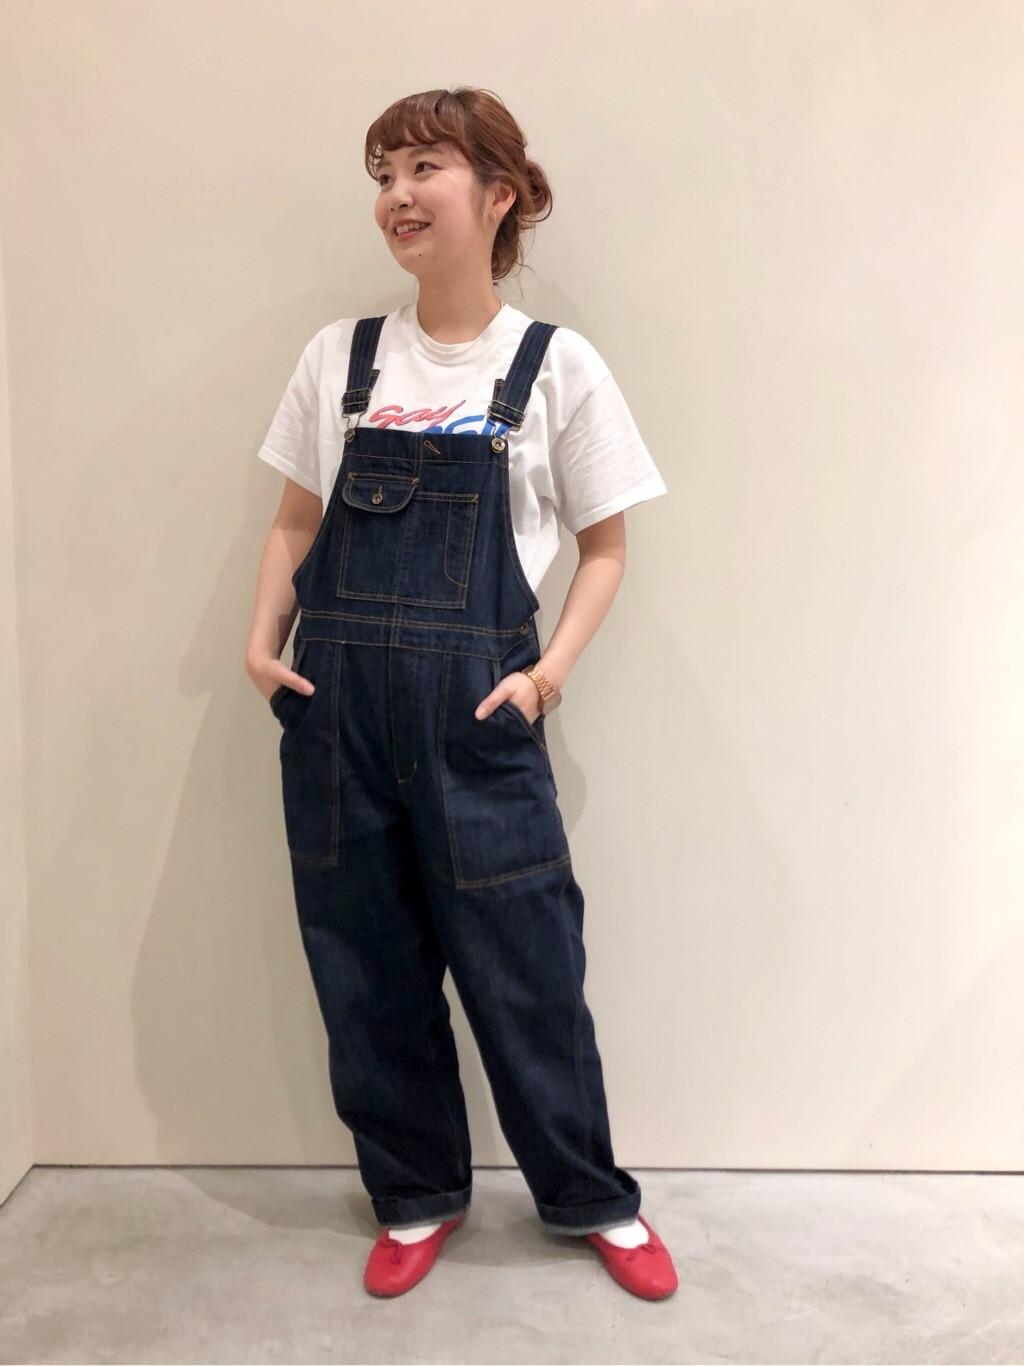 CHILD WOMAN , PAR ICI 新宿ミロード 2021.06.08